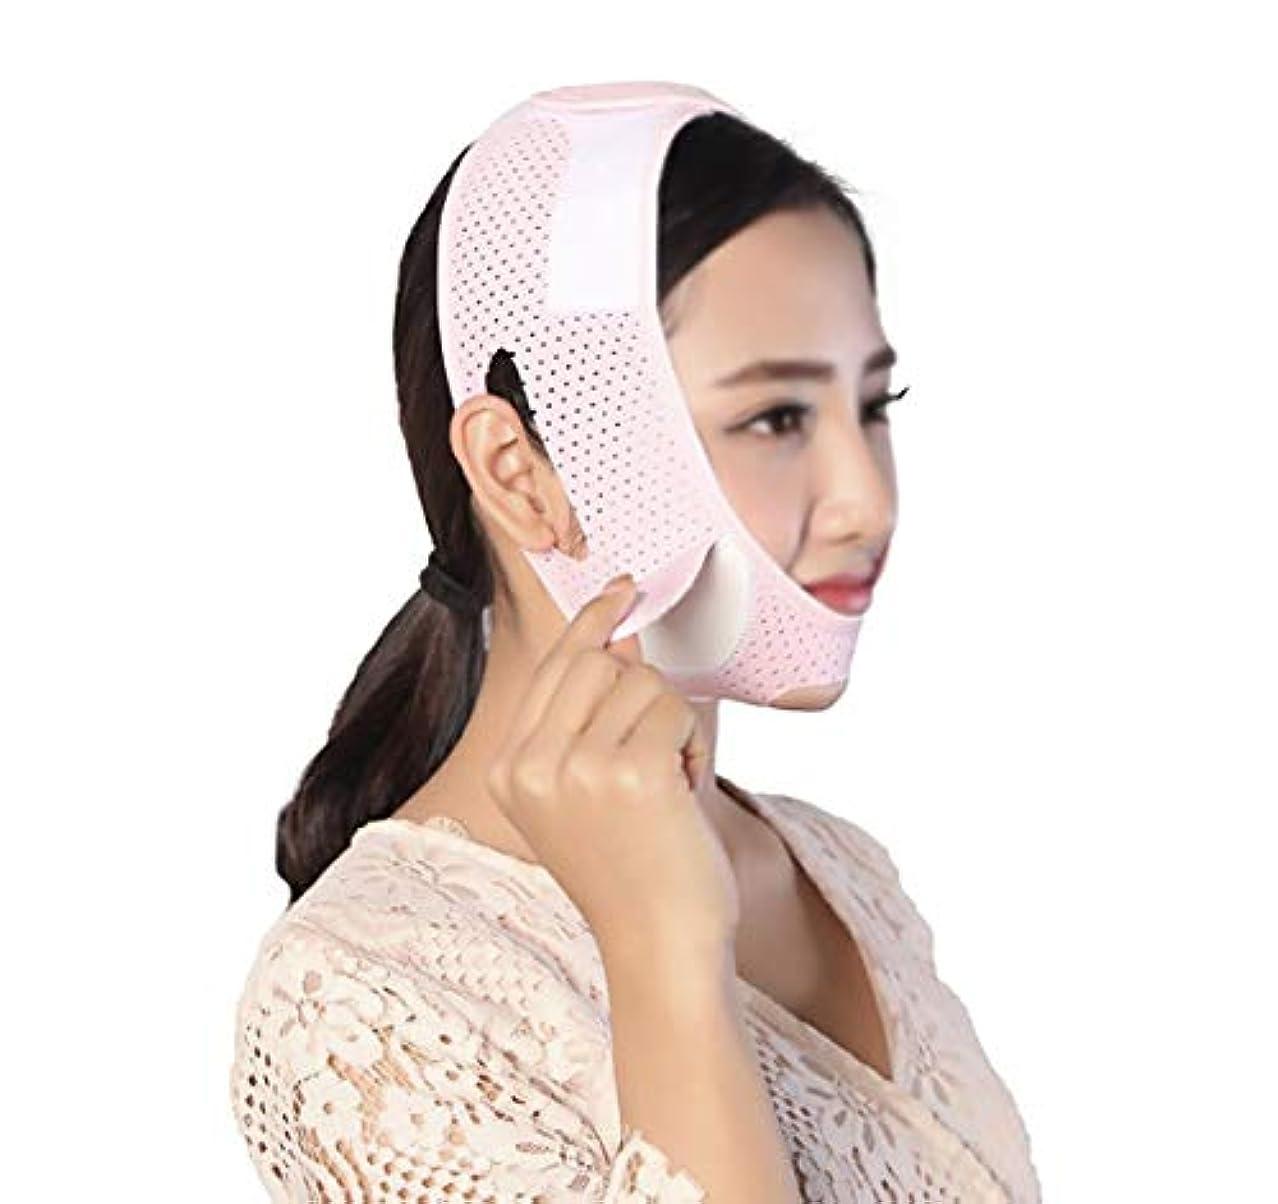 大佐古い聴衆顔と首のリフト術後の弾性セットVフェイスマスクあごの収縮の調整を強化するVフェイスアーチファクト回復サポートベルト